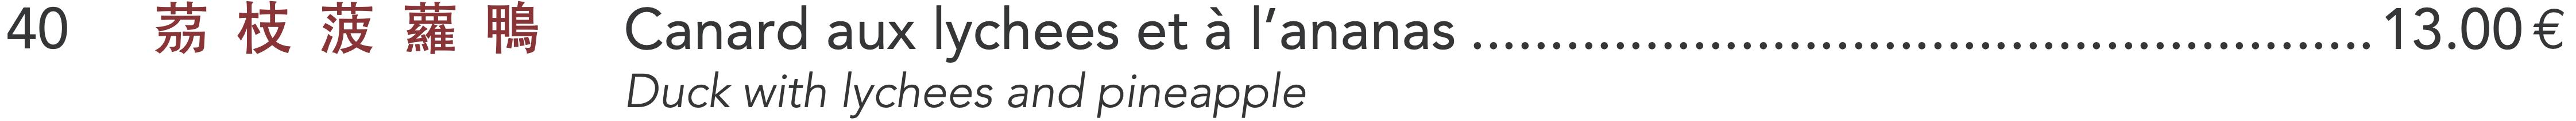 40 - Canard aux lychees et à l'ananas